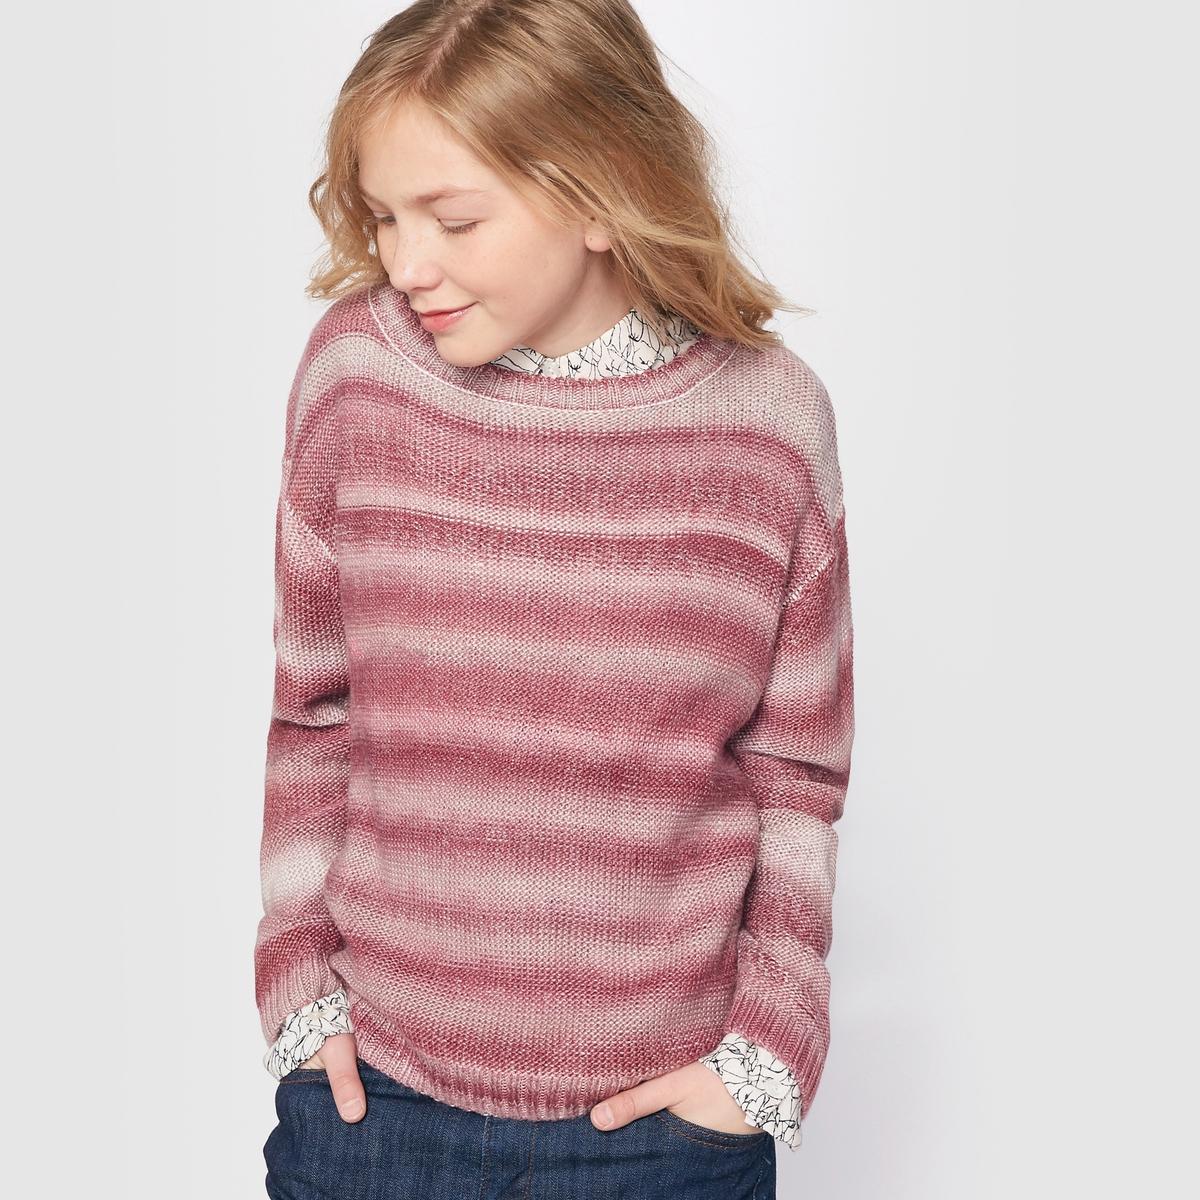 Пуловер с круглым воротником 10-16 лет